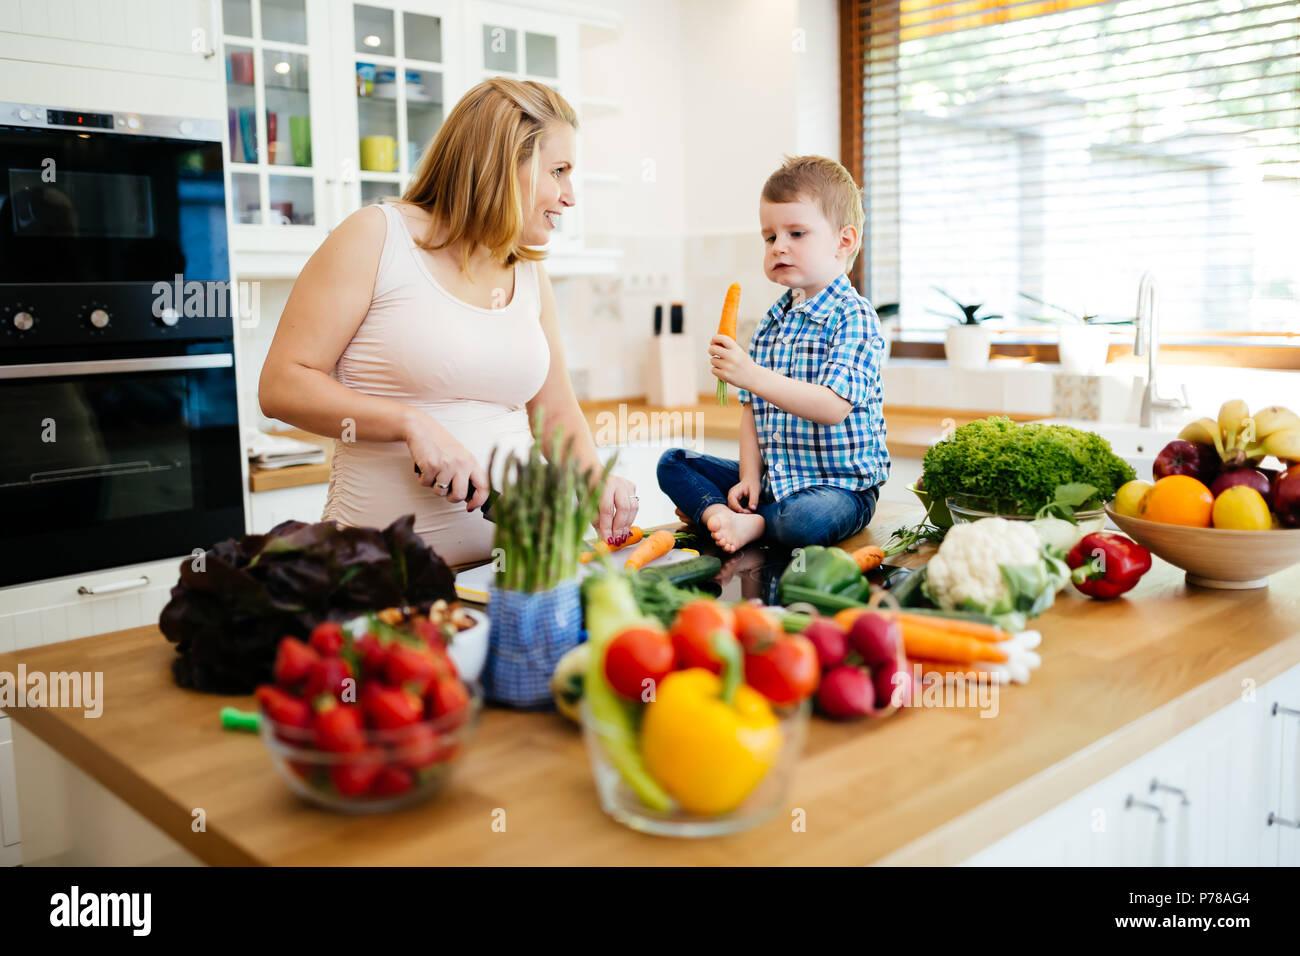 La mère et l'enfant préparer le déjeuner Photo Stock